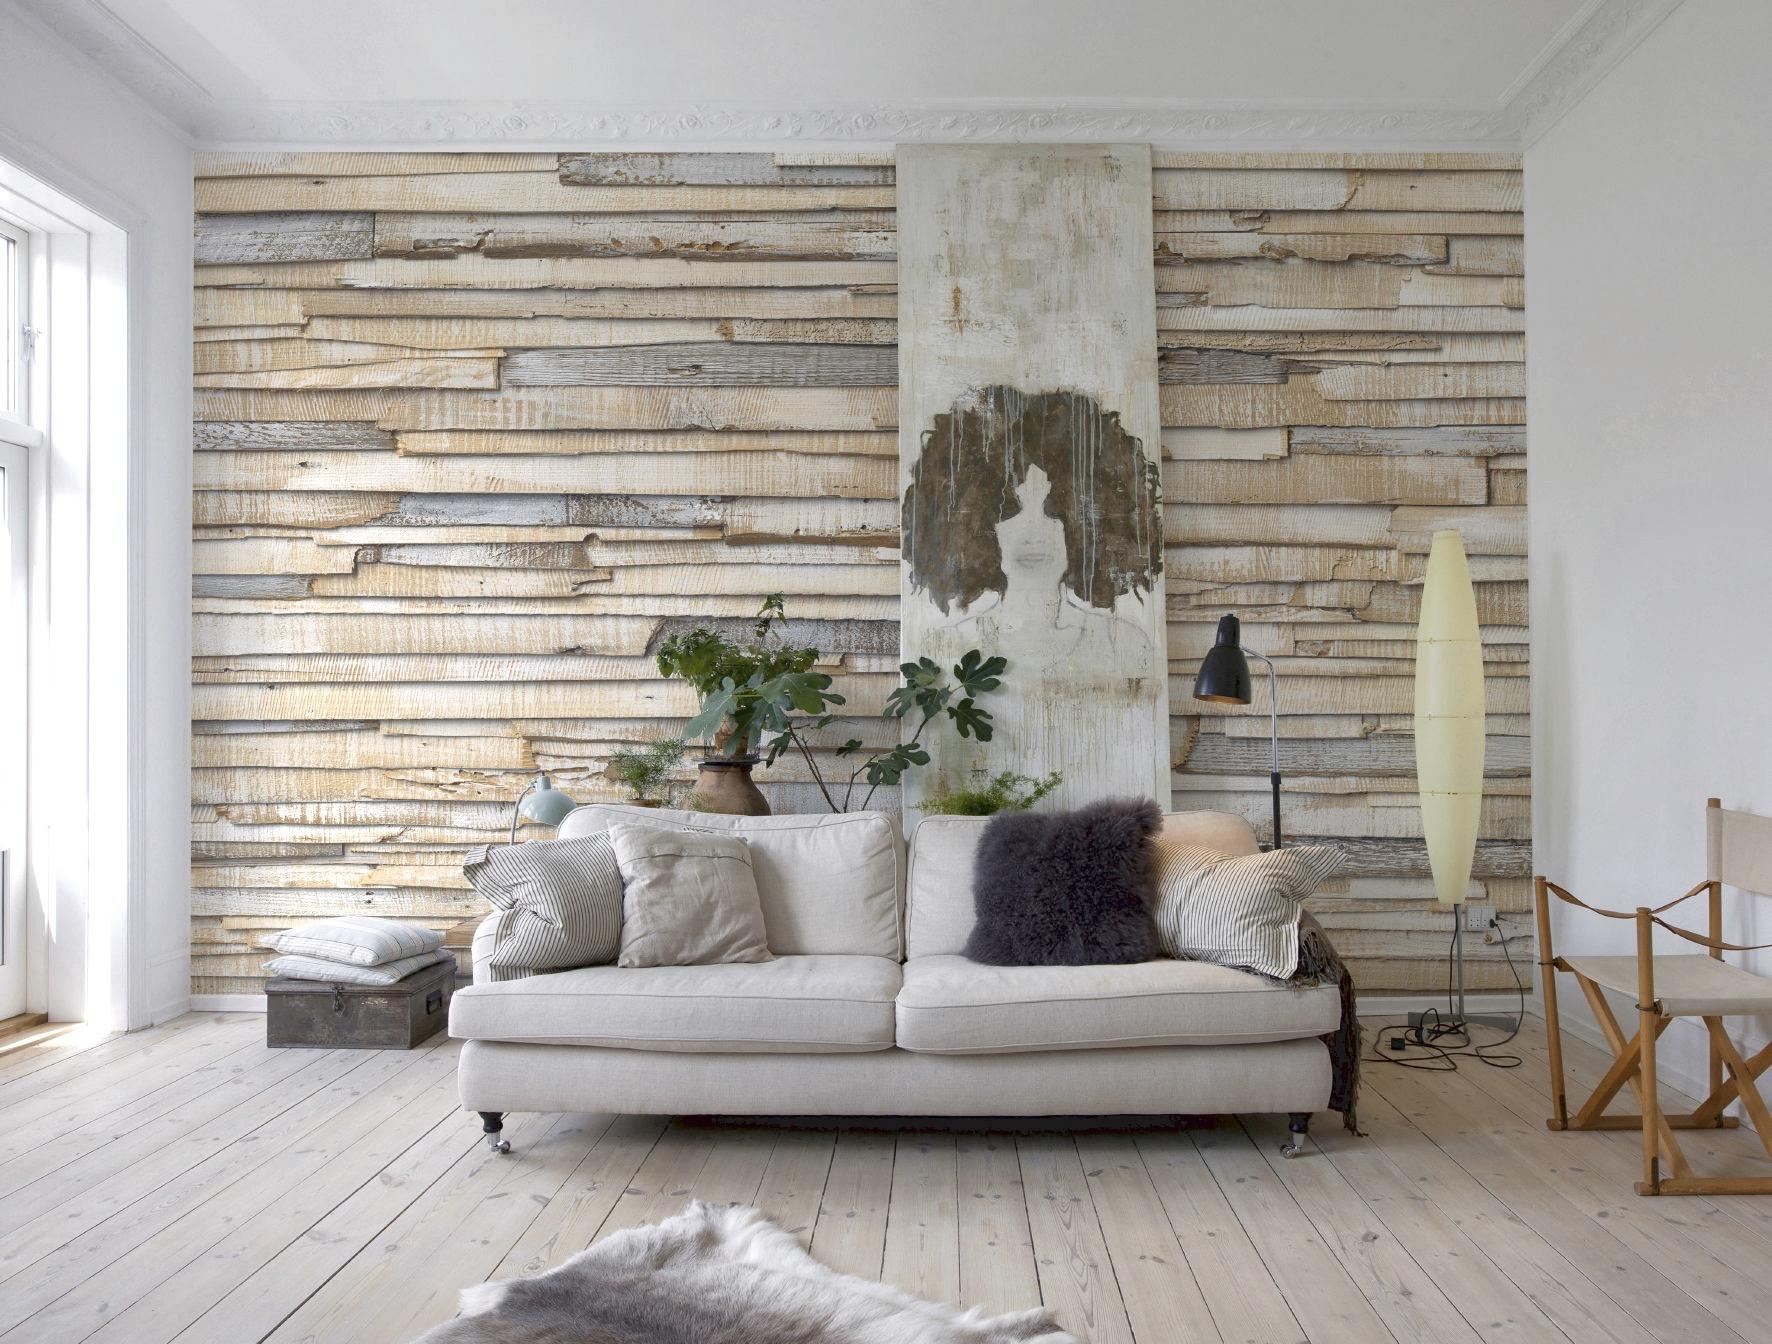 Wohnzimmer Tapeten 2015 Modern On Innerhalb Wunderbar Wohnzimmertapete 20 Großartig Tapete 9